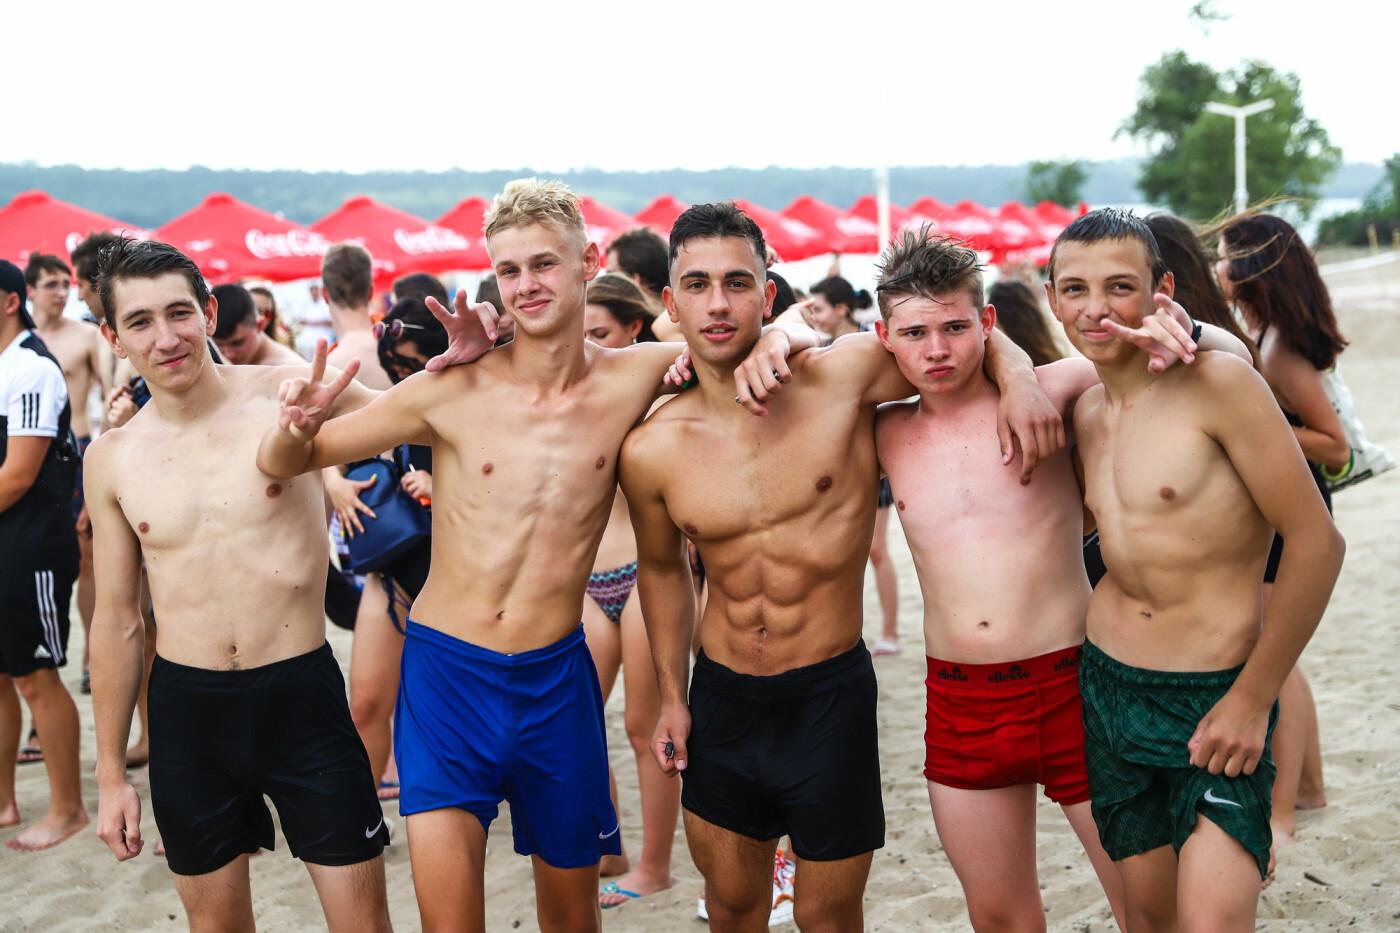 На пляже в Запорожье зажгли желто-синие дымовые шашки и установили рекорд Украины, - ФОТОРЕПОРТАЖ, фото-1